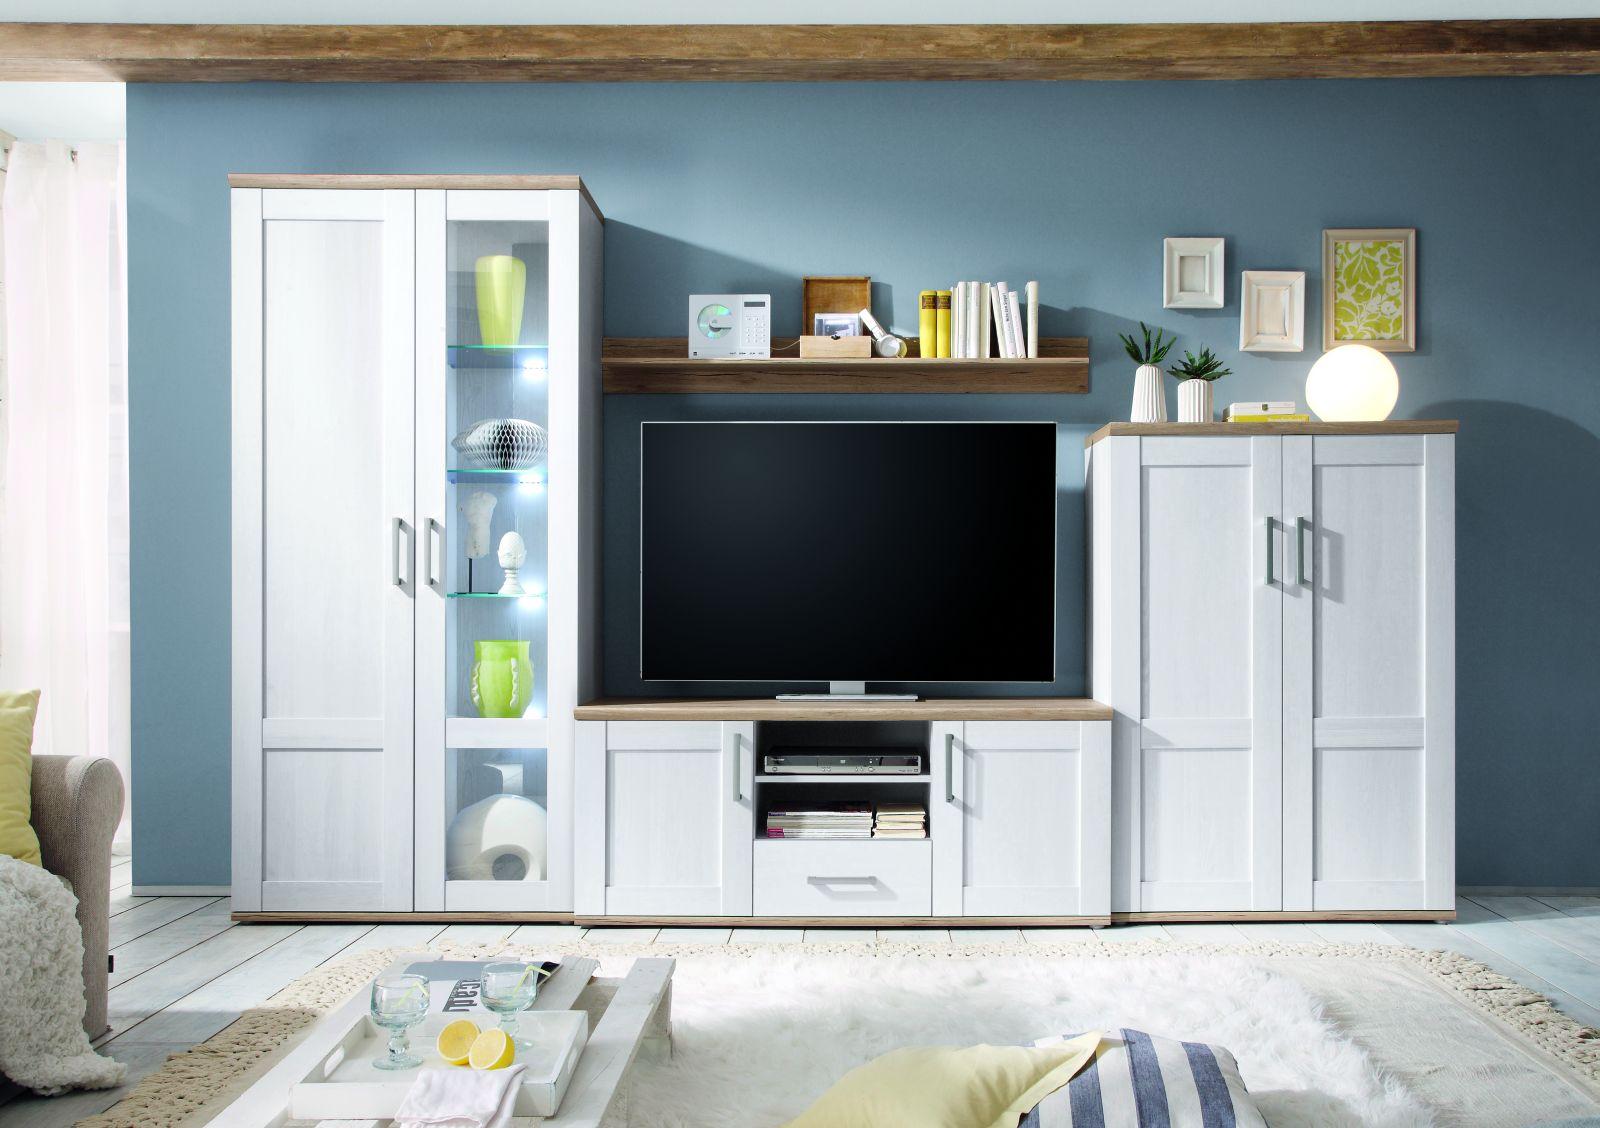 anbauwand romance wohnw nde wohnzimmer sortiment pack zu m bel sb und k chen discount. Black Bedroom Furniture Sets. Home Design Ideas